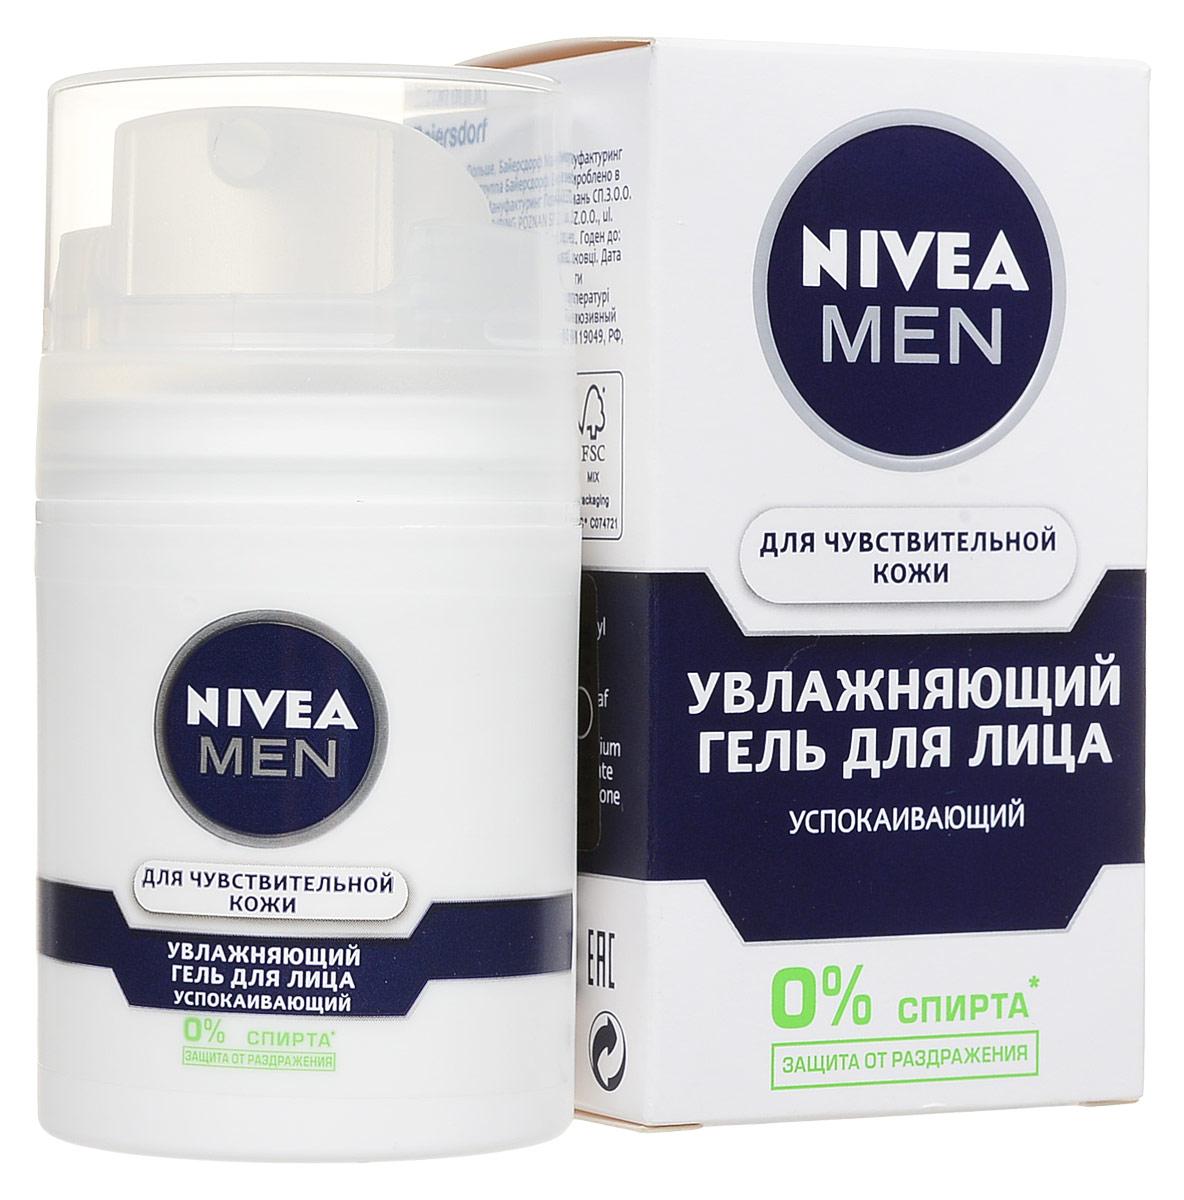 NIVEA Увлажняющий гель для лица для чувствительной кожи 50 мл